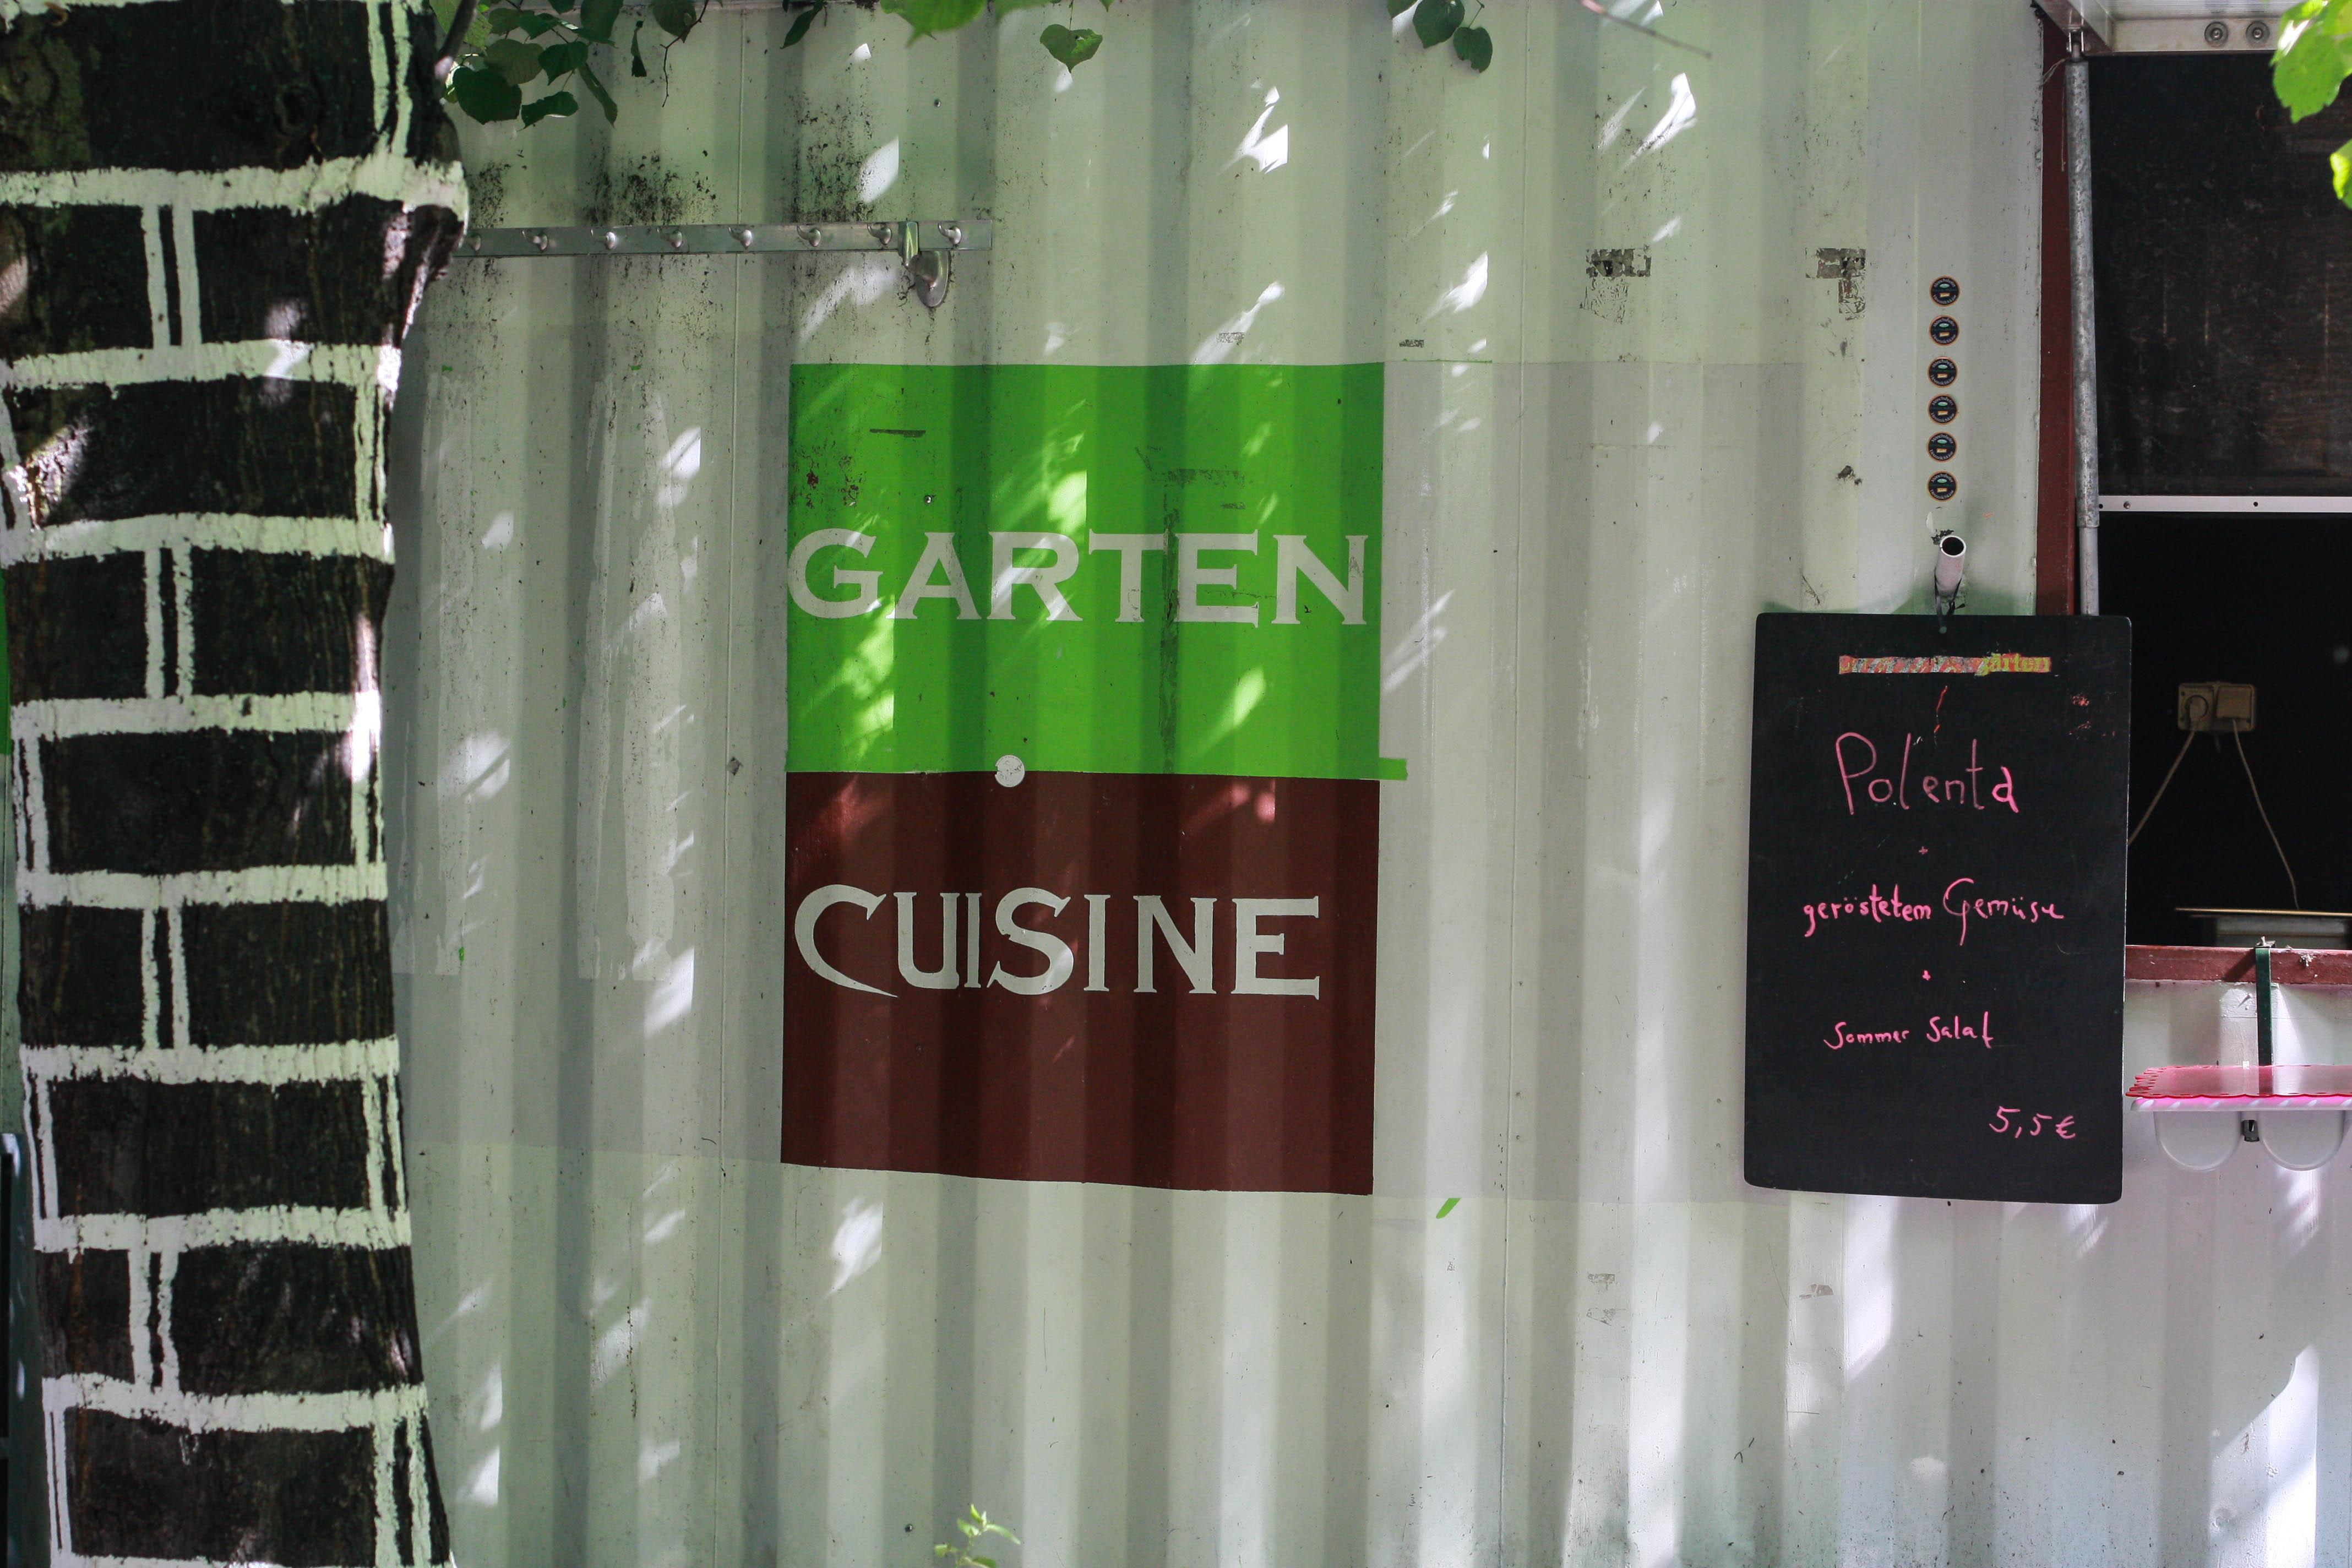 Gartenküche mit vielen Leckereien